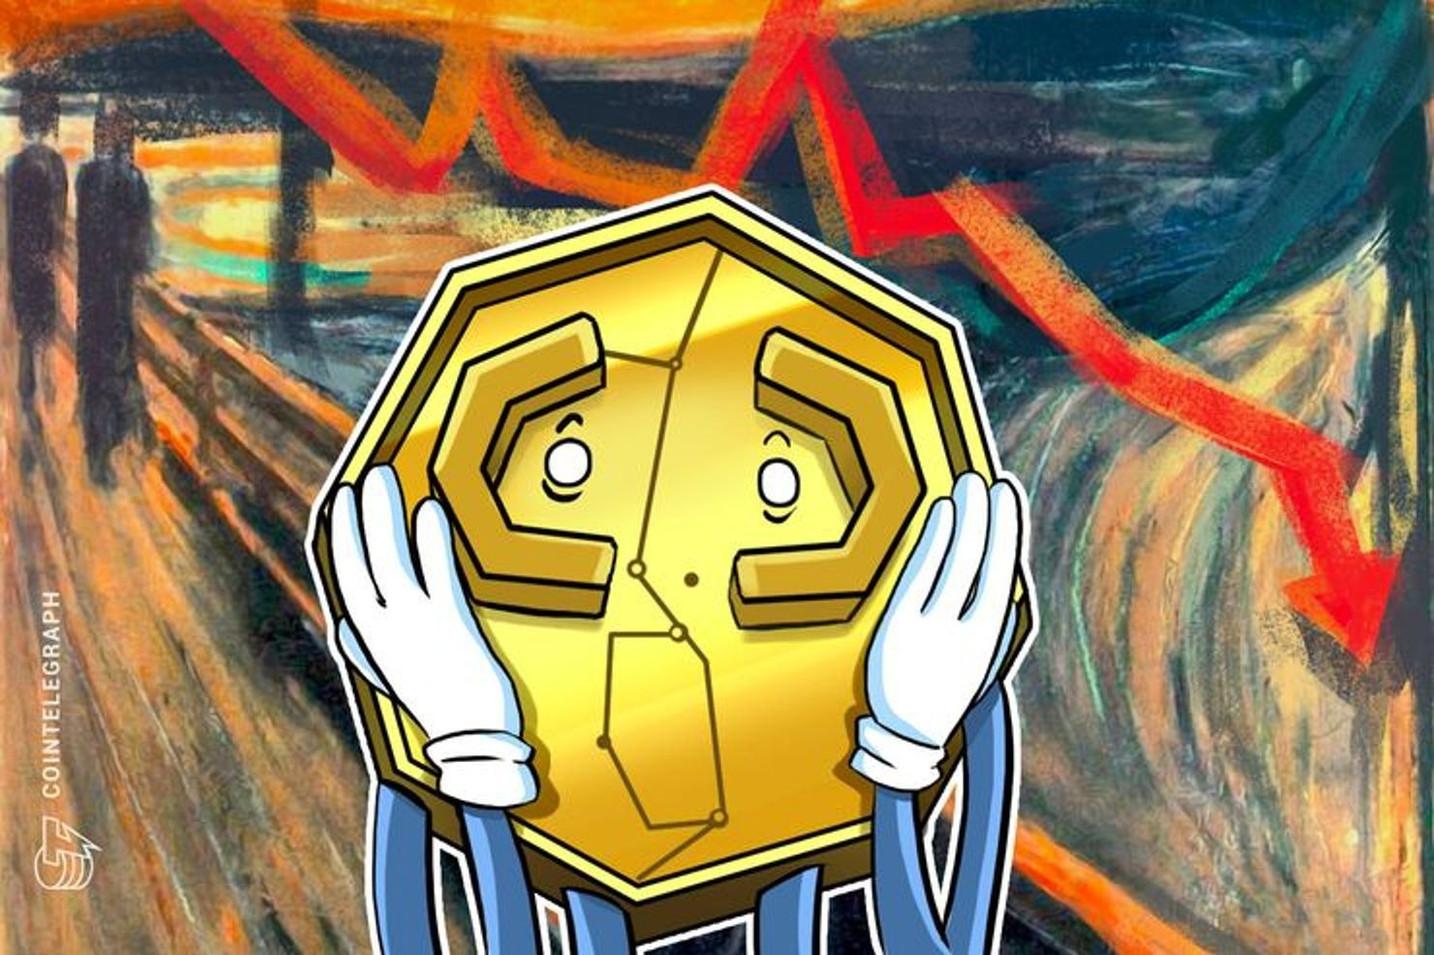 【速報】仮想通貨ビットコイン急落、一時8300ドル台に